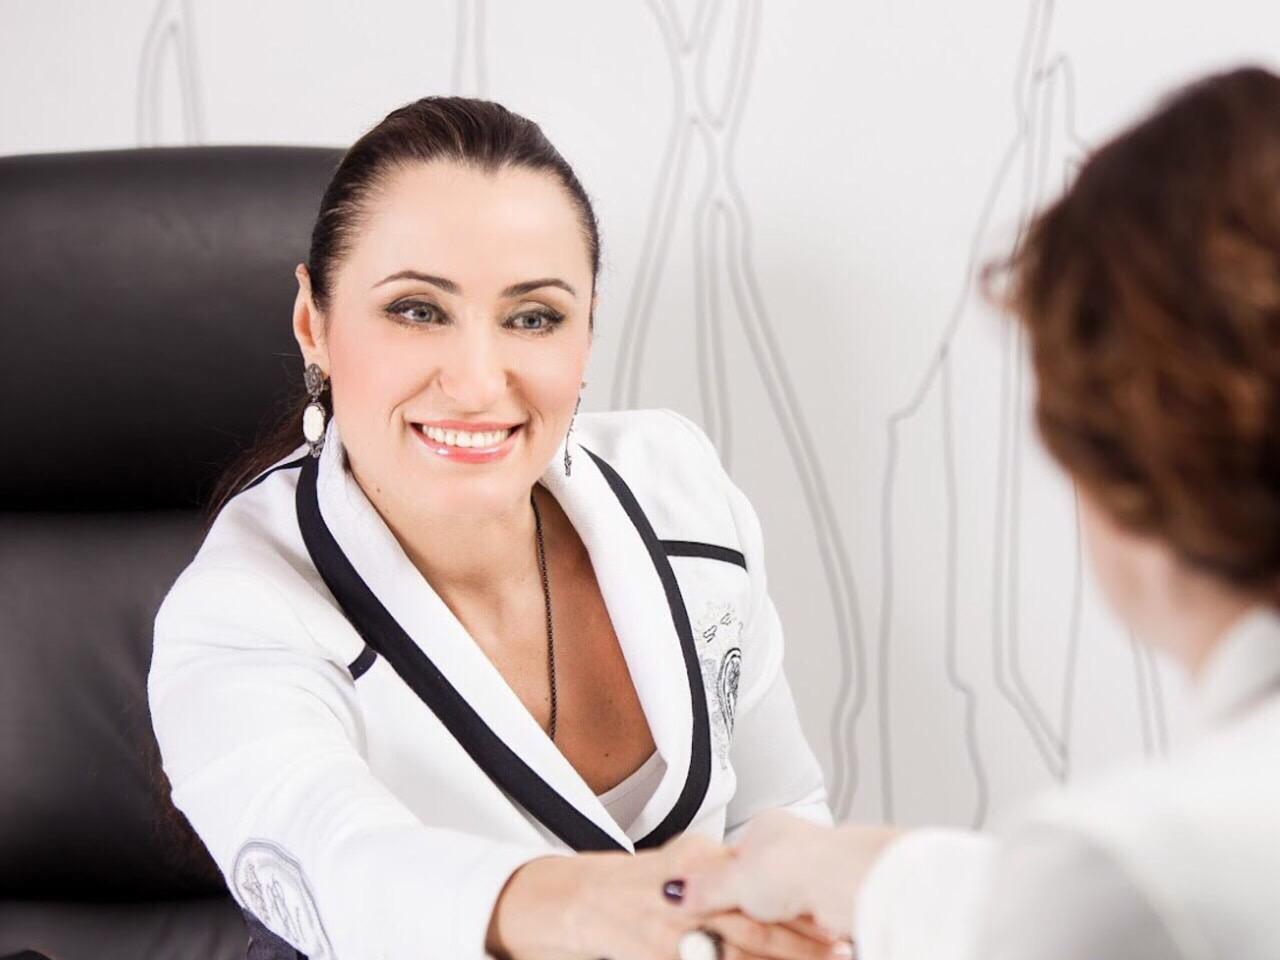 ba3da4804da30a Про здоровий глузд та конкретні кроки у постановці власних цілей дізнаємось  з розмови з лікарем, сертифікованим персональним мотиваційним коучем Іриною  ...